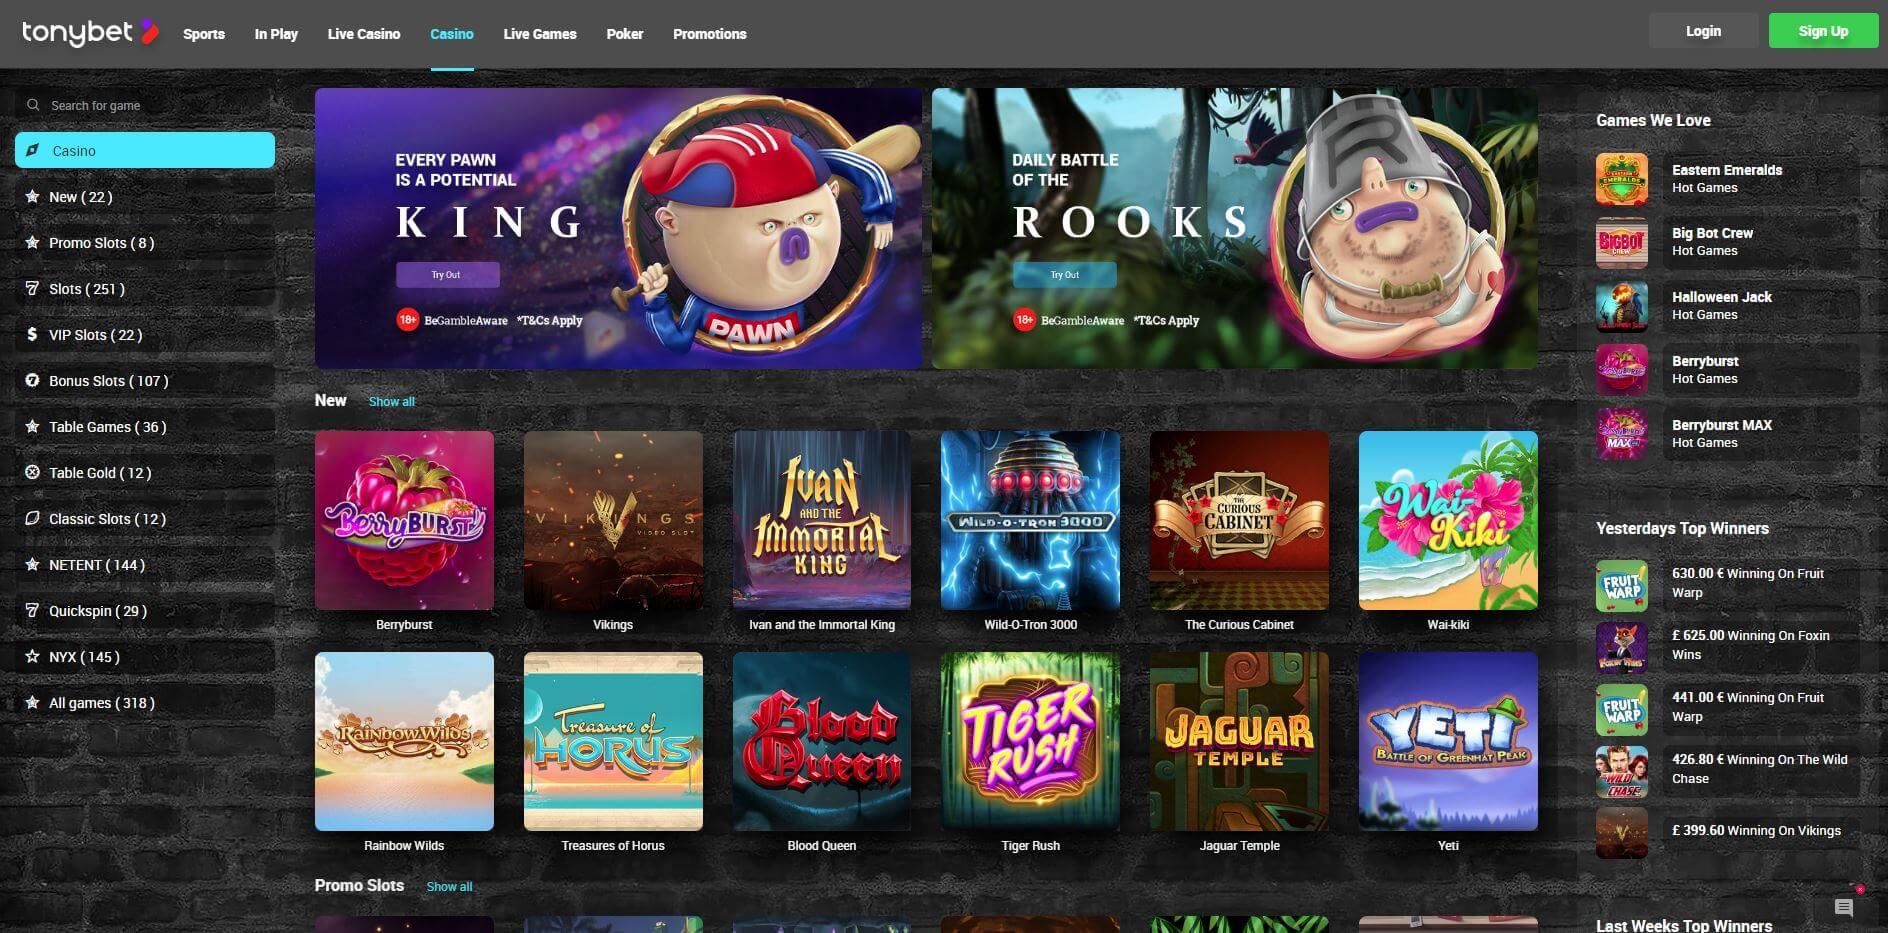 tonybet casino homepage